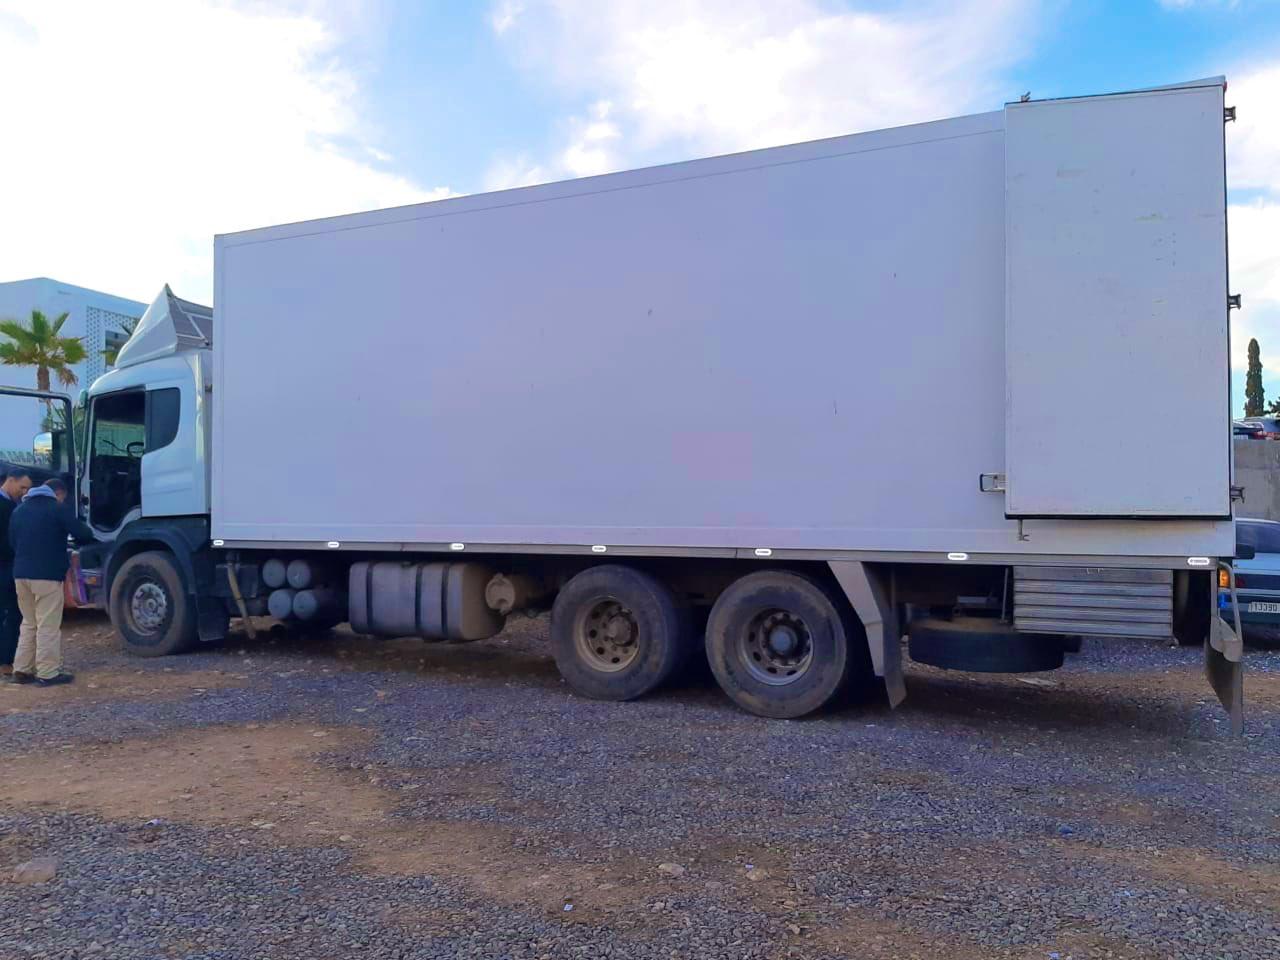 أكادير.. حجز طن و770 كيلوغراما من الحشيش بشاحنة